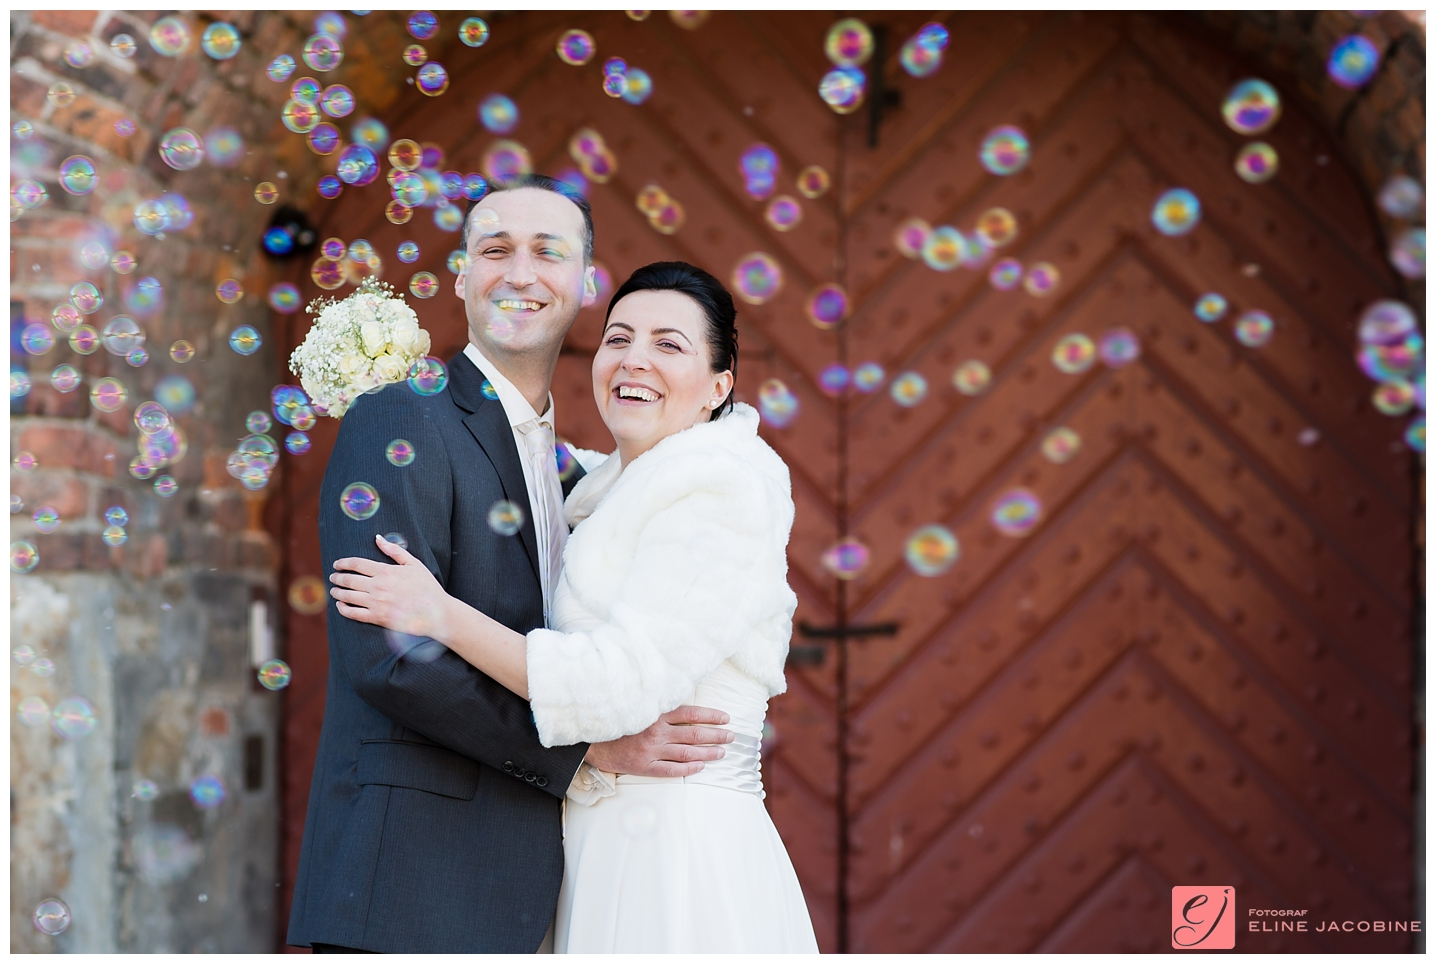 Akershus-Festning-Bryllupsfotografering-Fotograf-Eline-Jacobine-Mirnela-og-Alen_0035